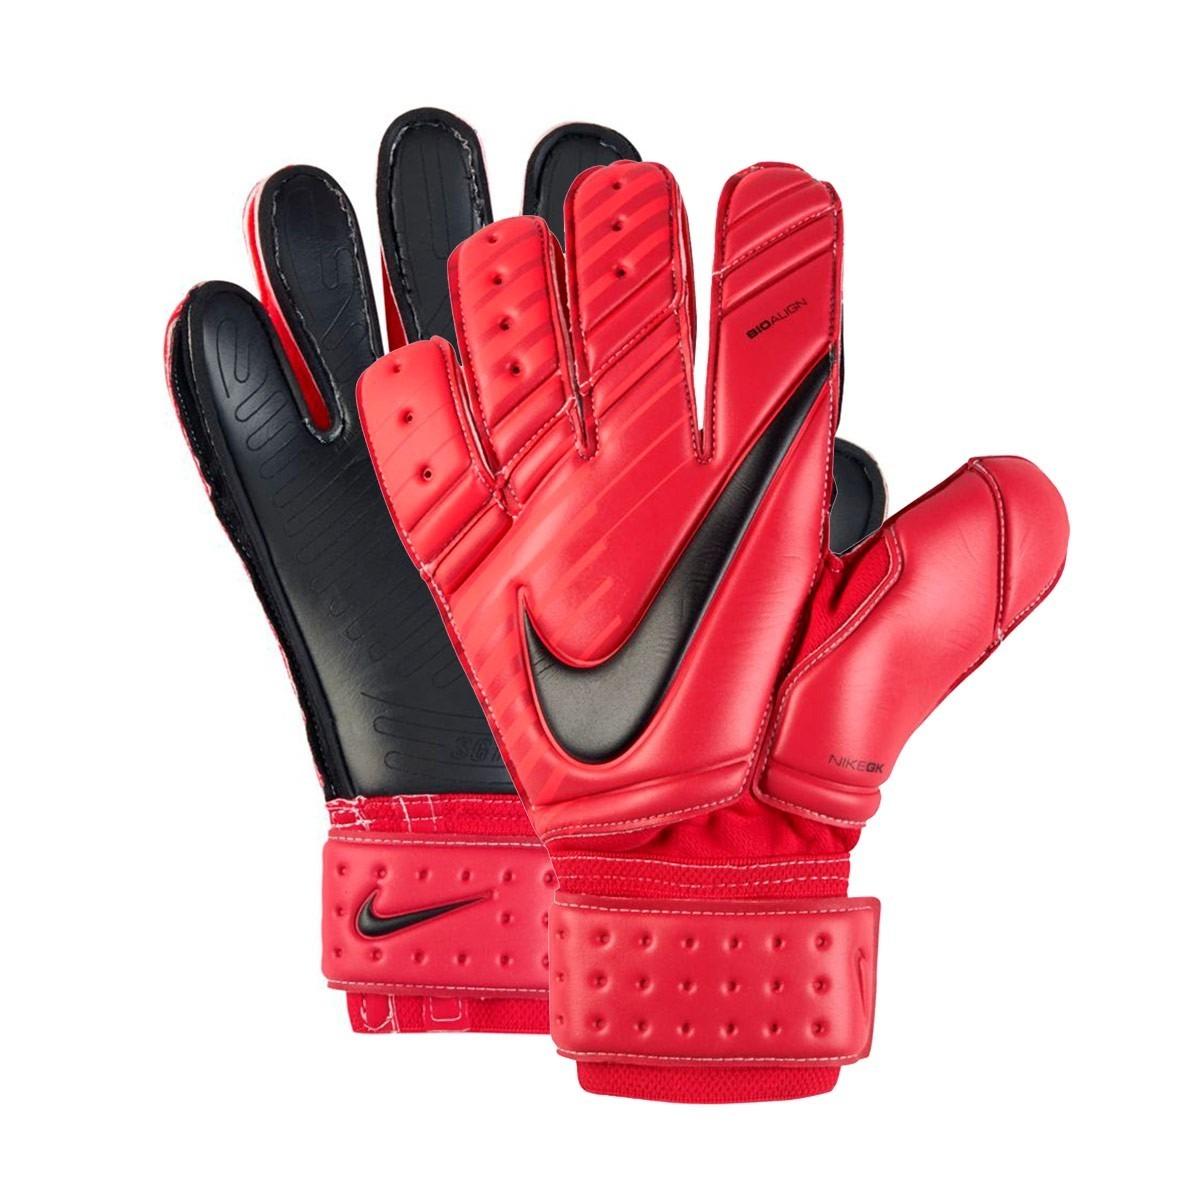 vendedor Monasterio Sangrar  guantes nike portero rojas - Tienda Online de Zapatos, Ropa y Complementos  de marca